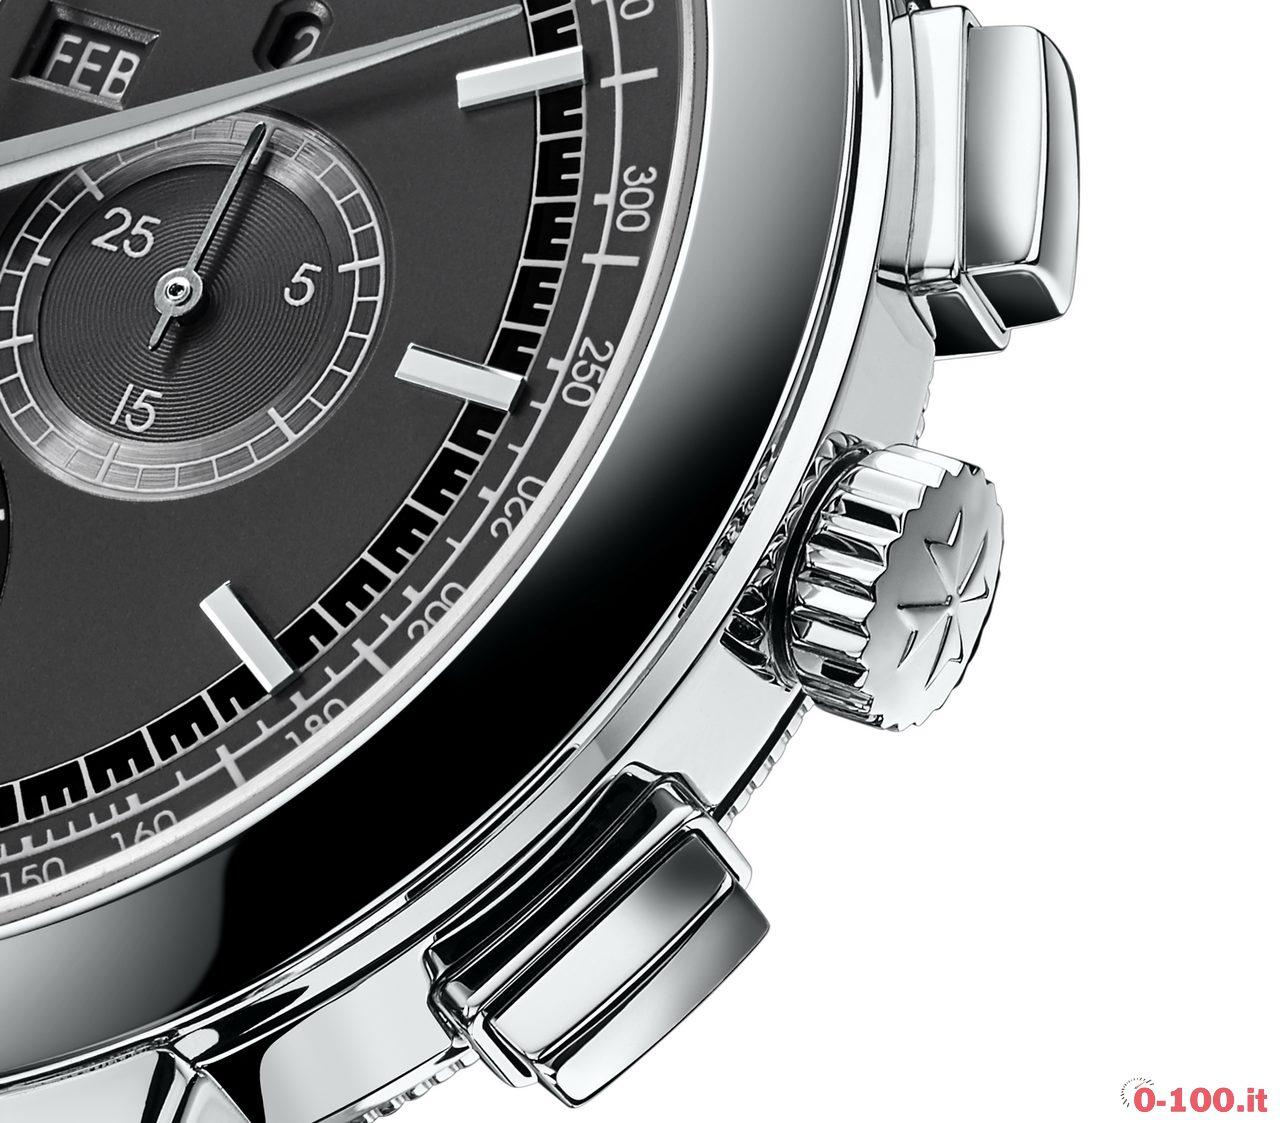 vacheron-constantin-traditionnelle-cronografo-con-calendario-perpetuo-ref-5000t000p-b048-prezzo-price_0-1004